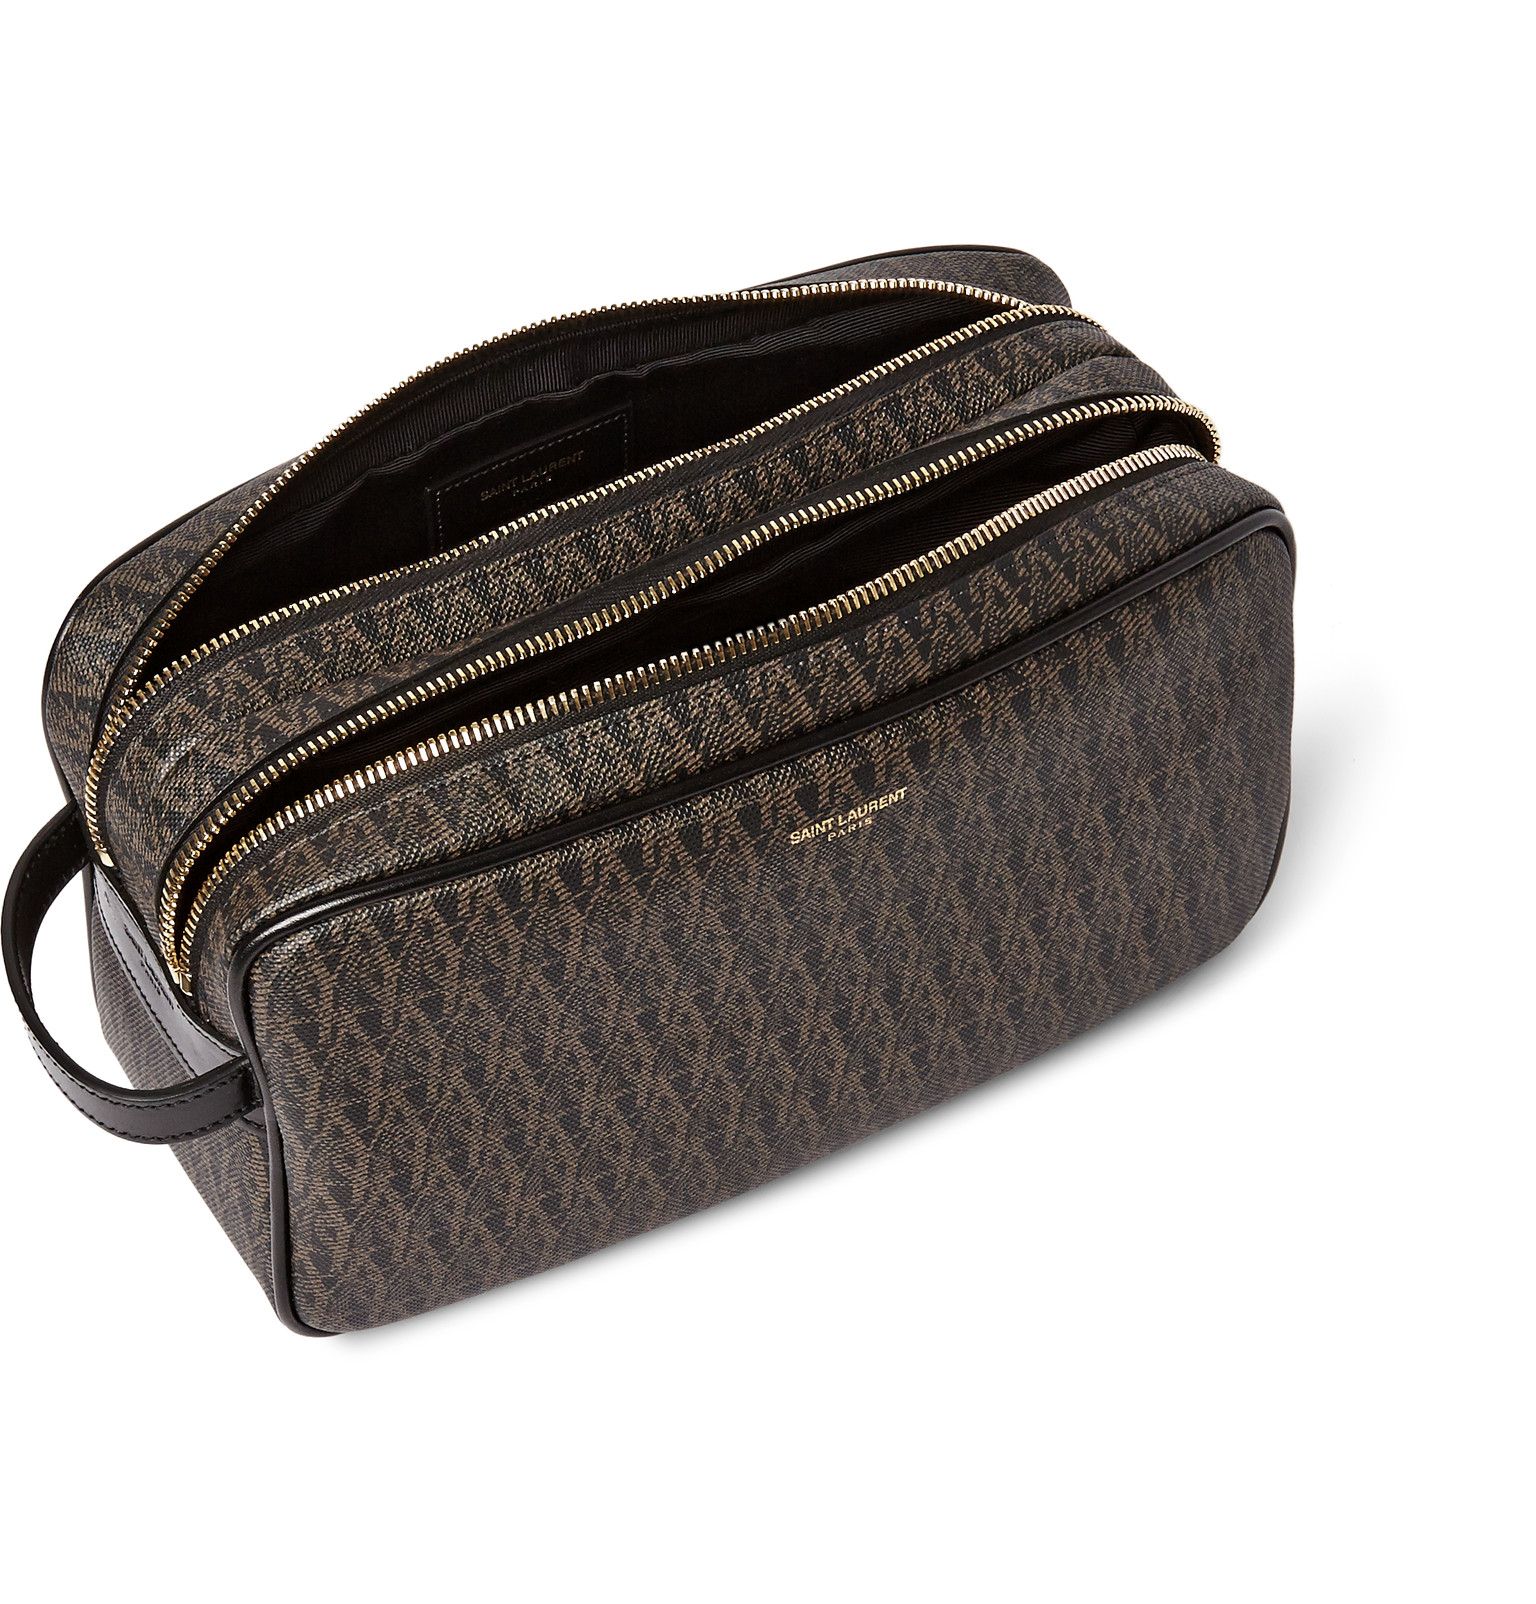 935751c11a Saint Laurent Wash Bag